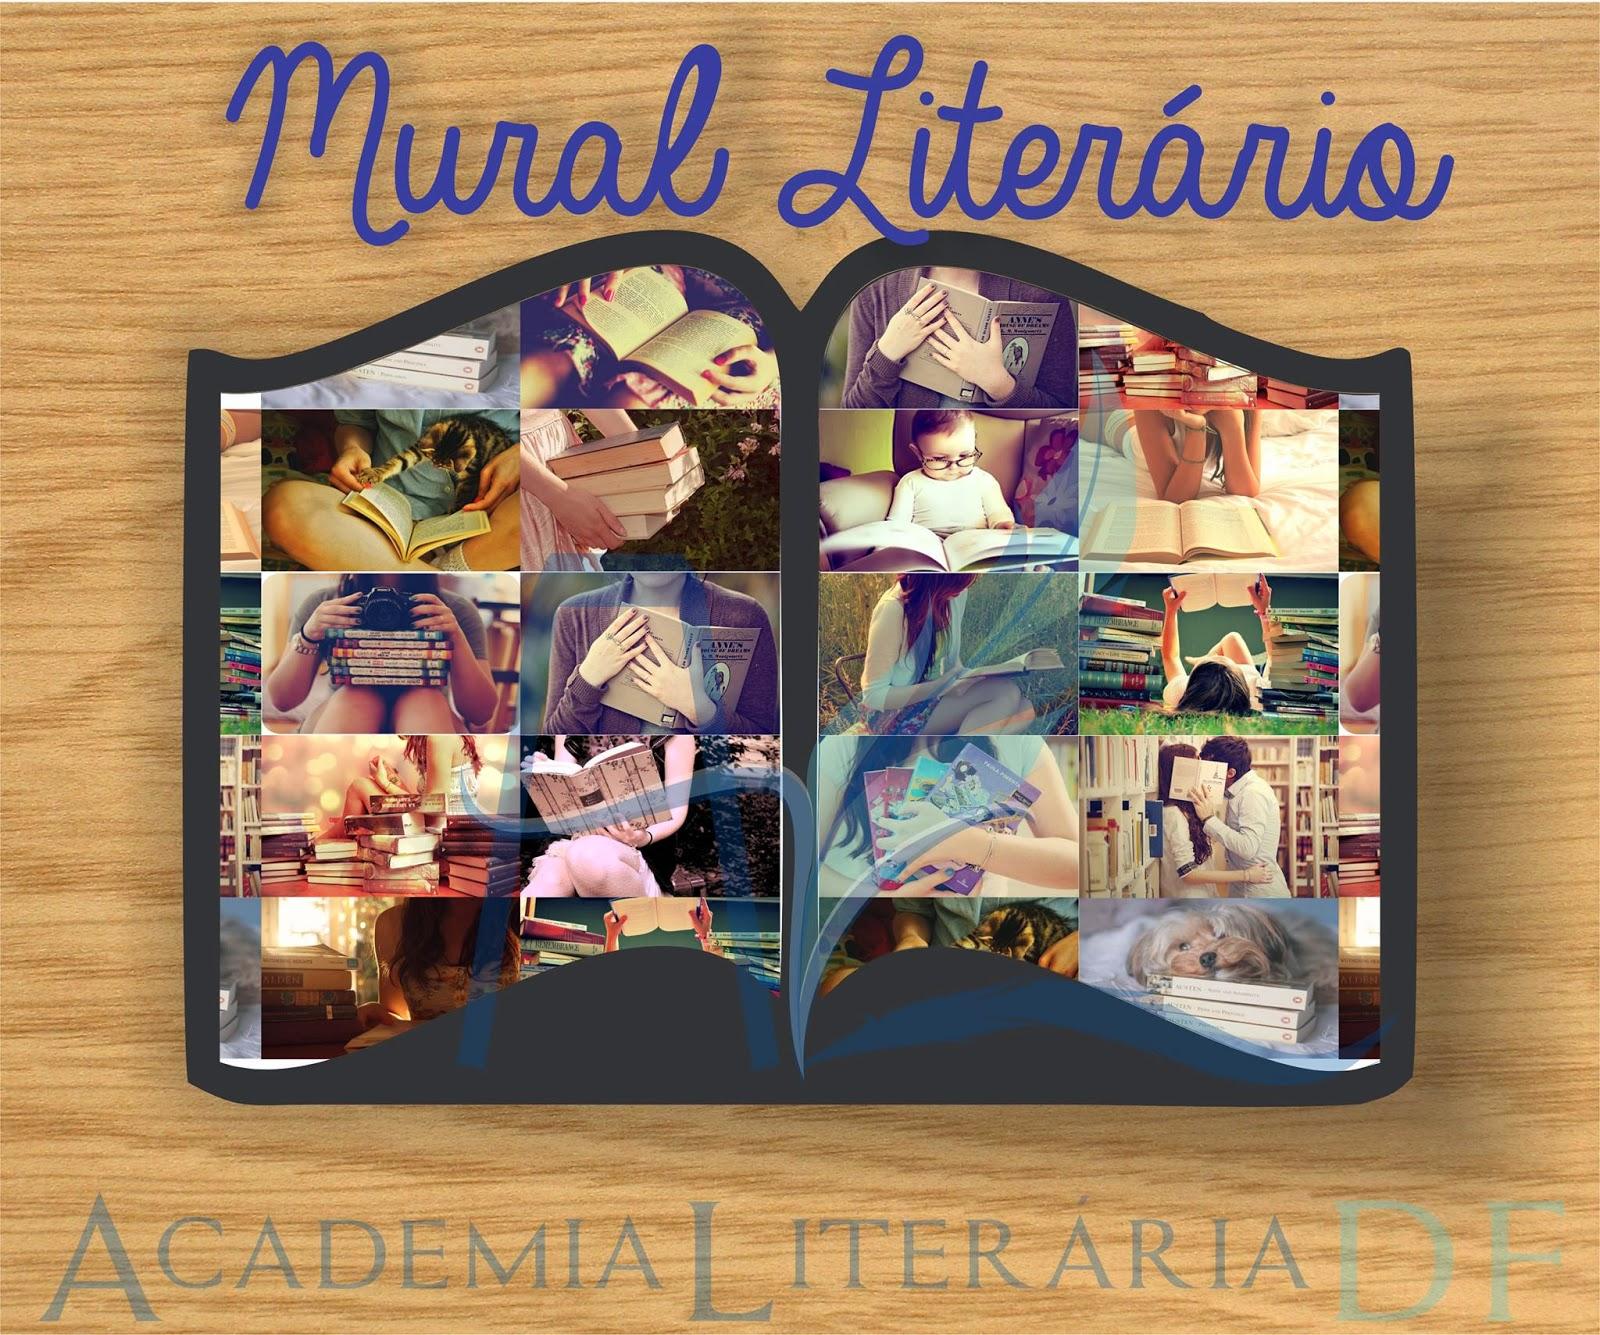 Mural da Academia Literária